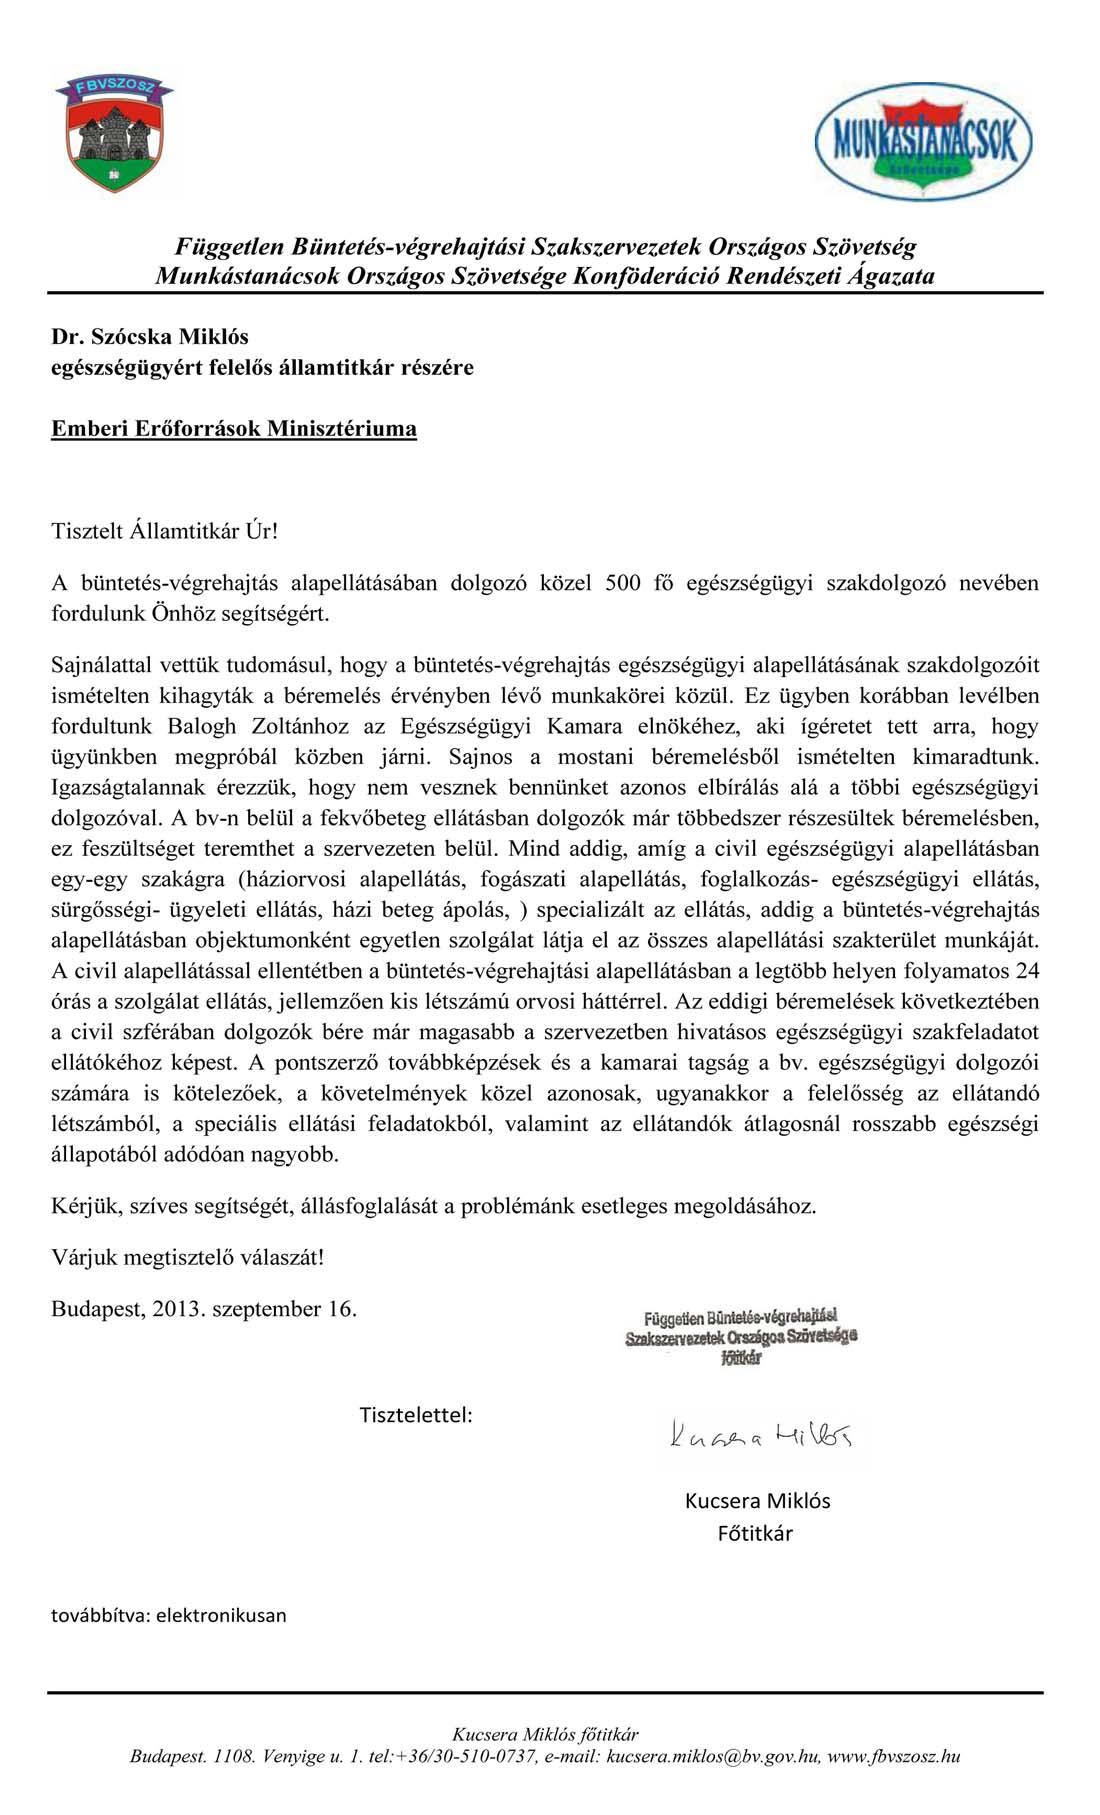 DrSzocska_Miklos_megkereses_bv_131016